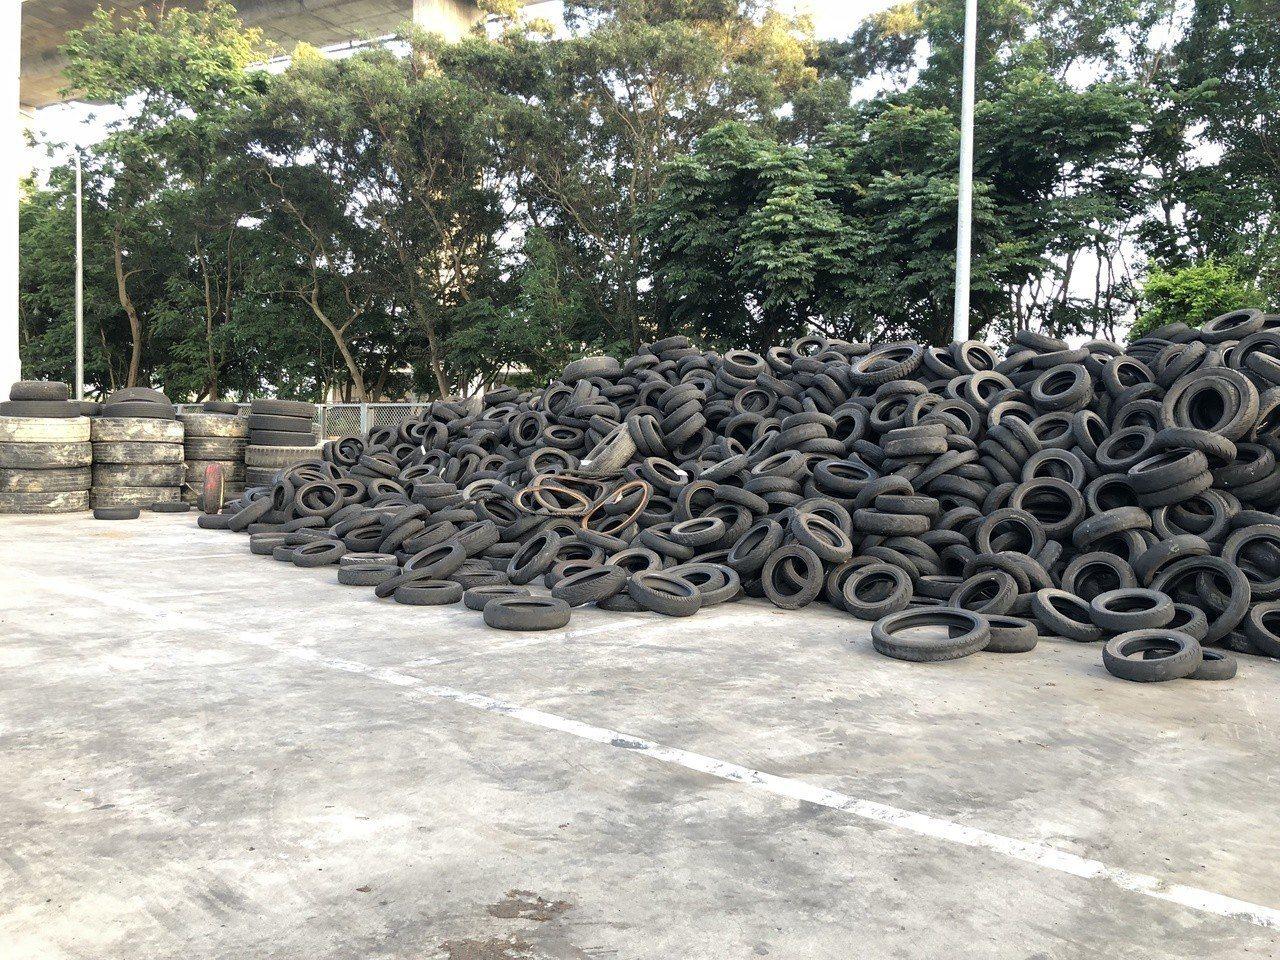 台灣兩年多前就已爆發出廢輪胎去化問題。記者林敬家/攝影